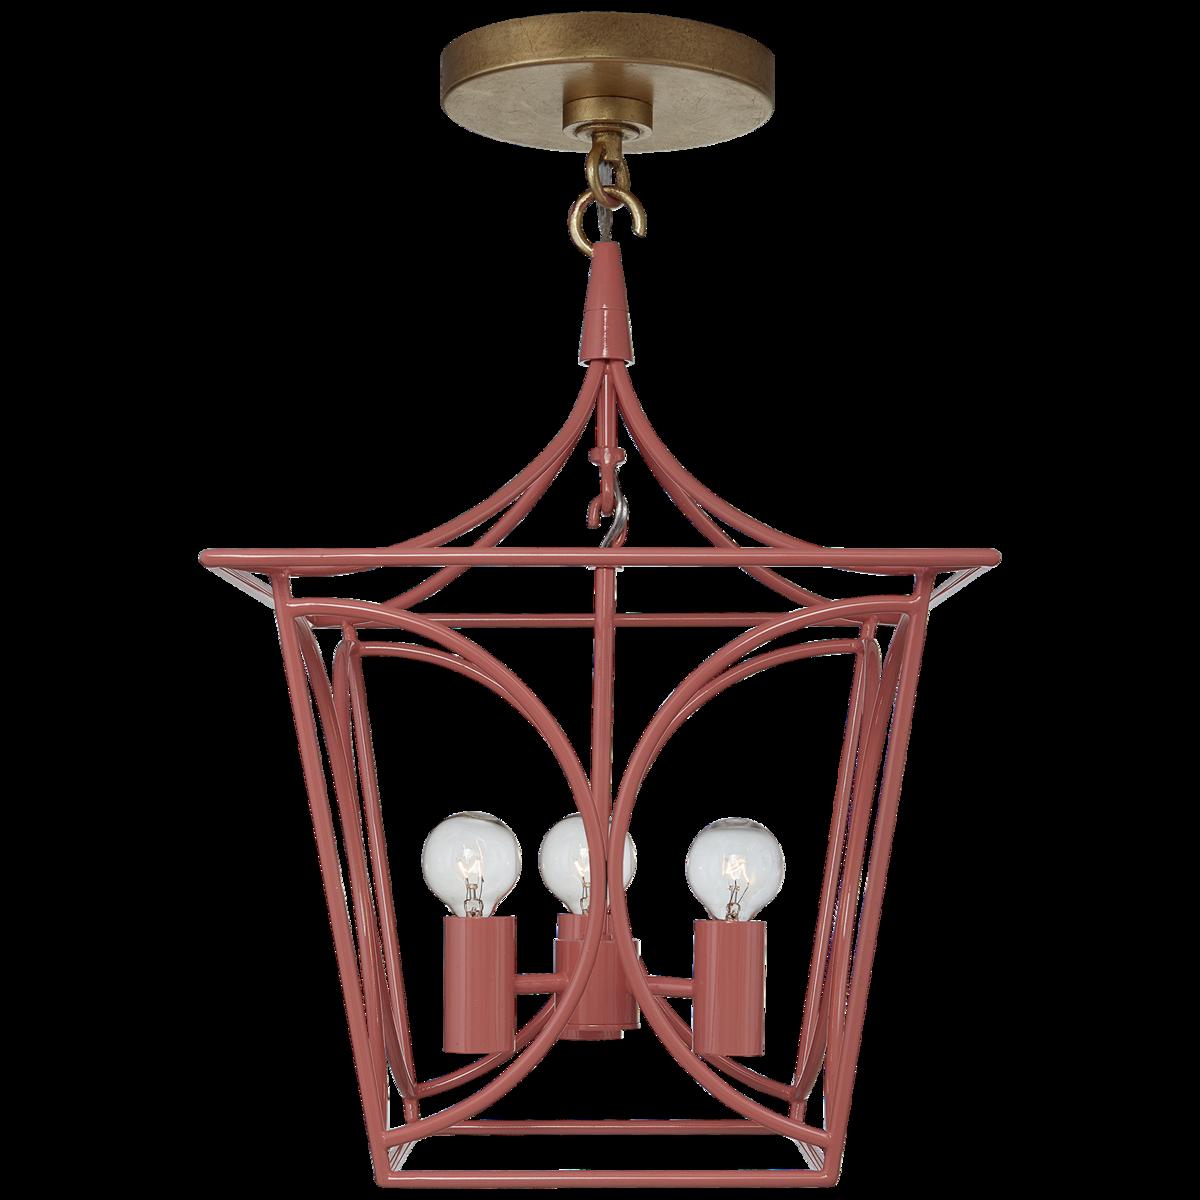 Cavanagh Mini Lantern